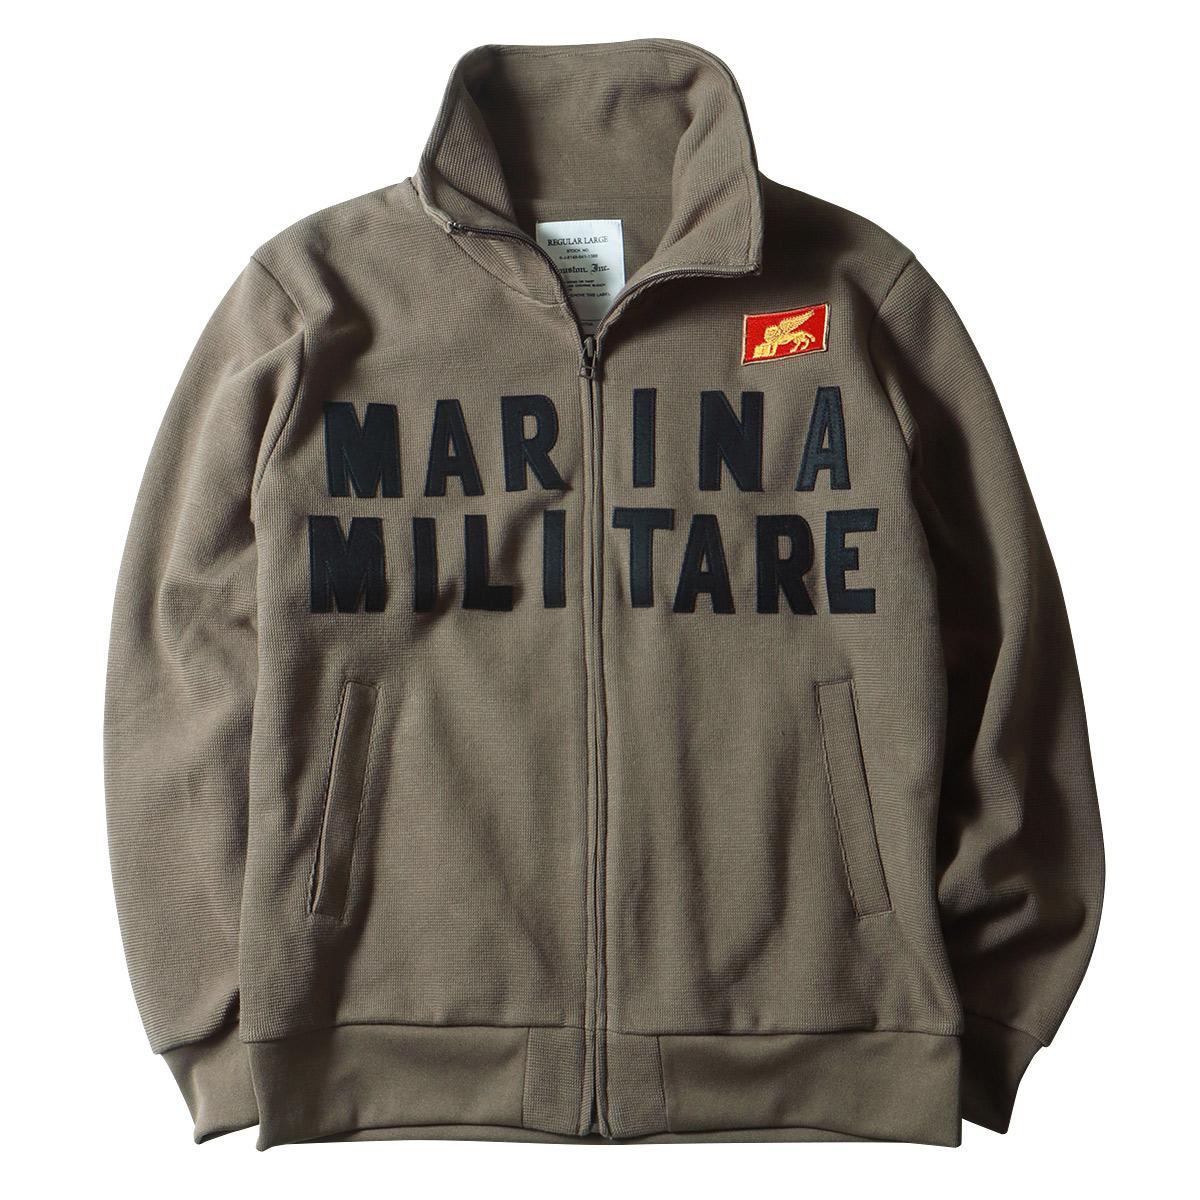 HOUSTON ヒューストン イタリア海軍 MARINA トラックジャケット アメカジ ミリタリー ジャージ